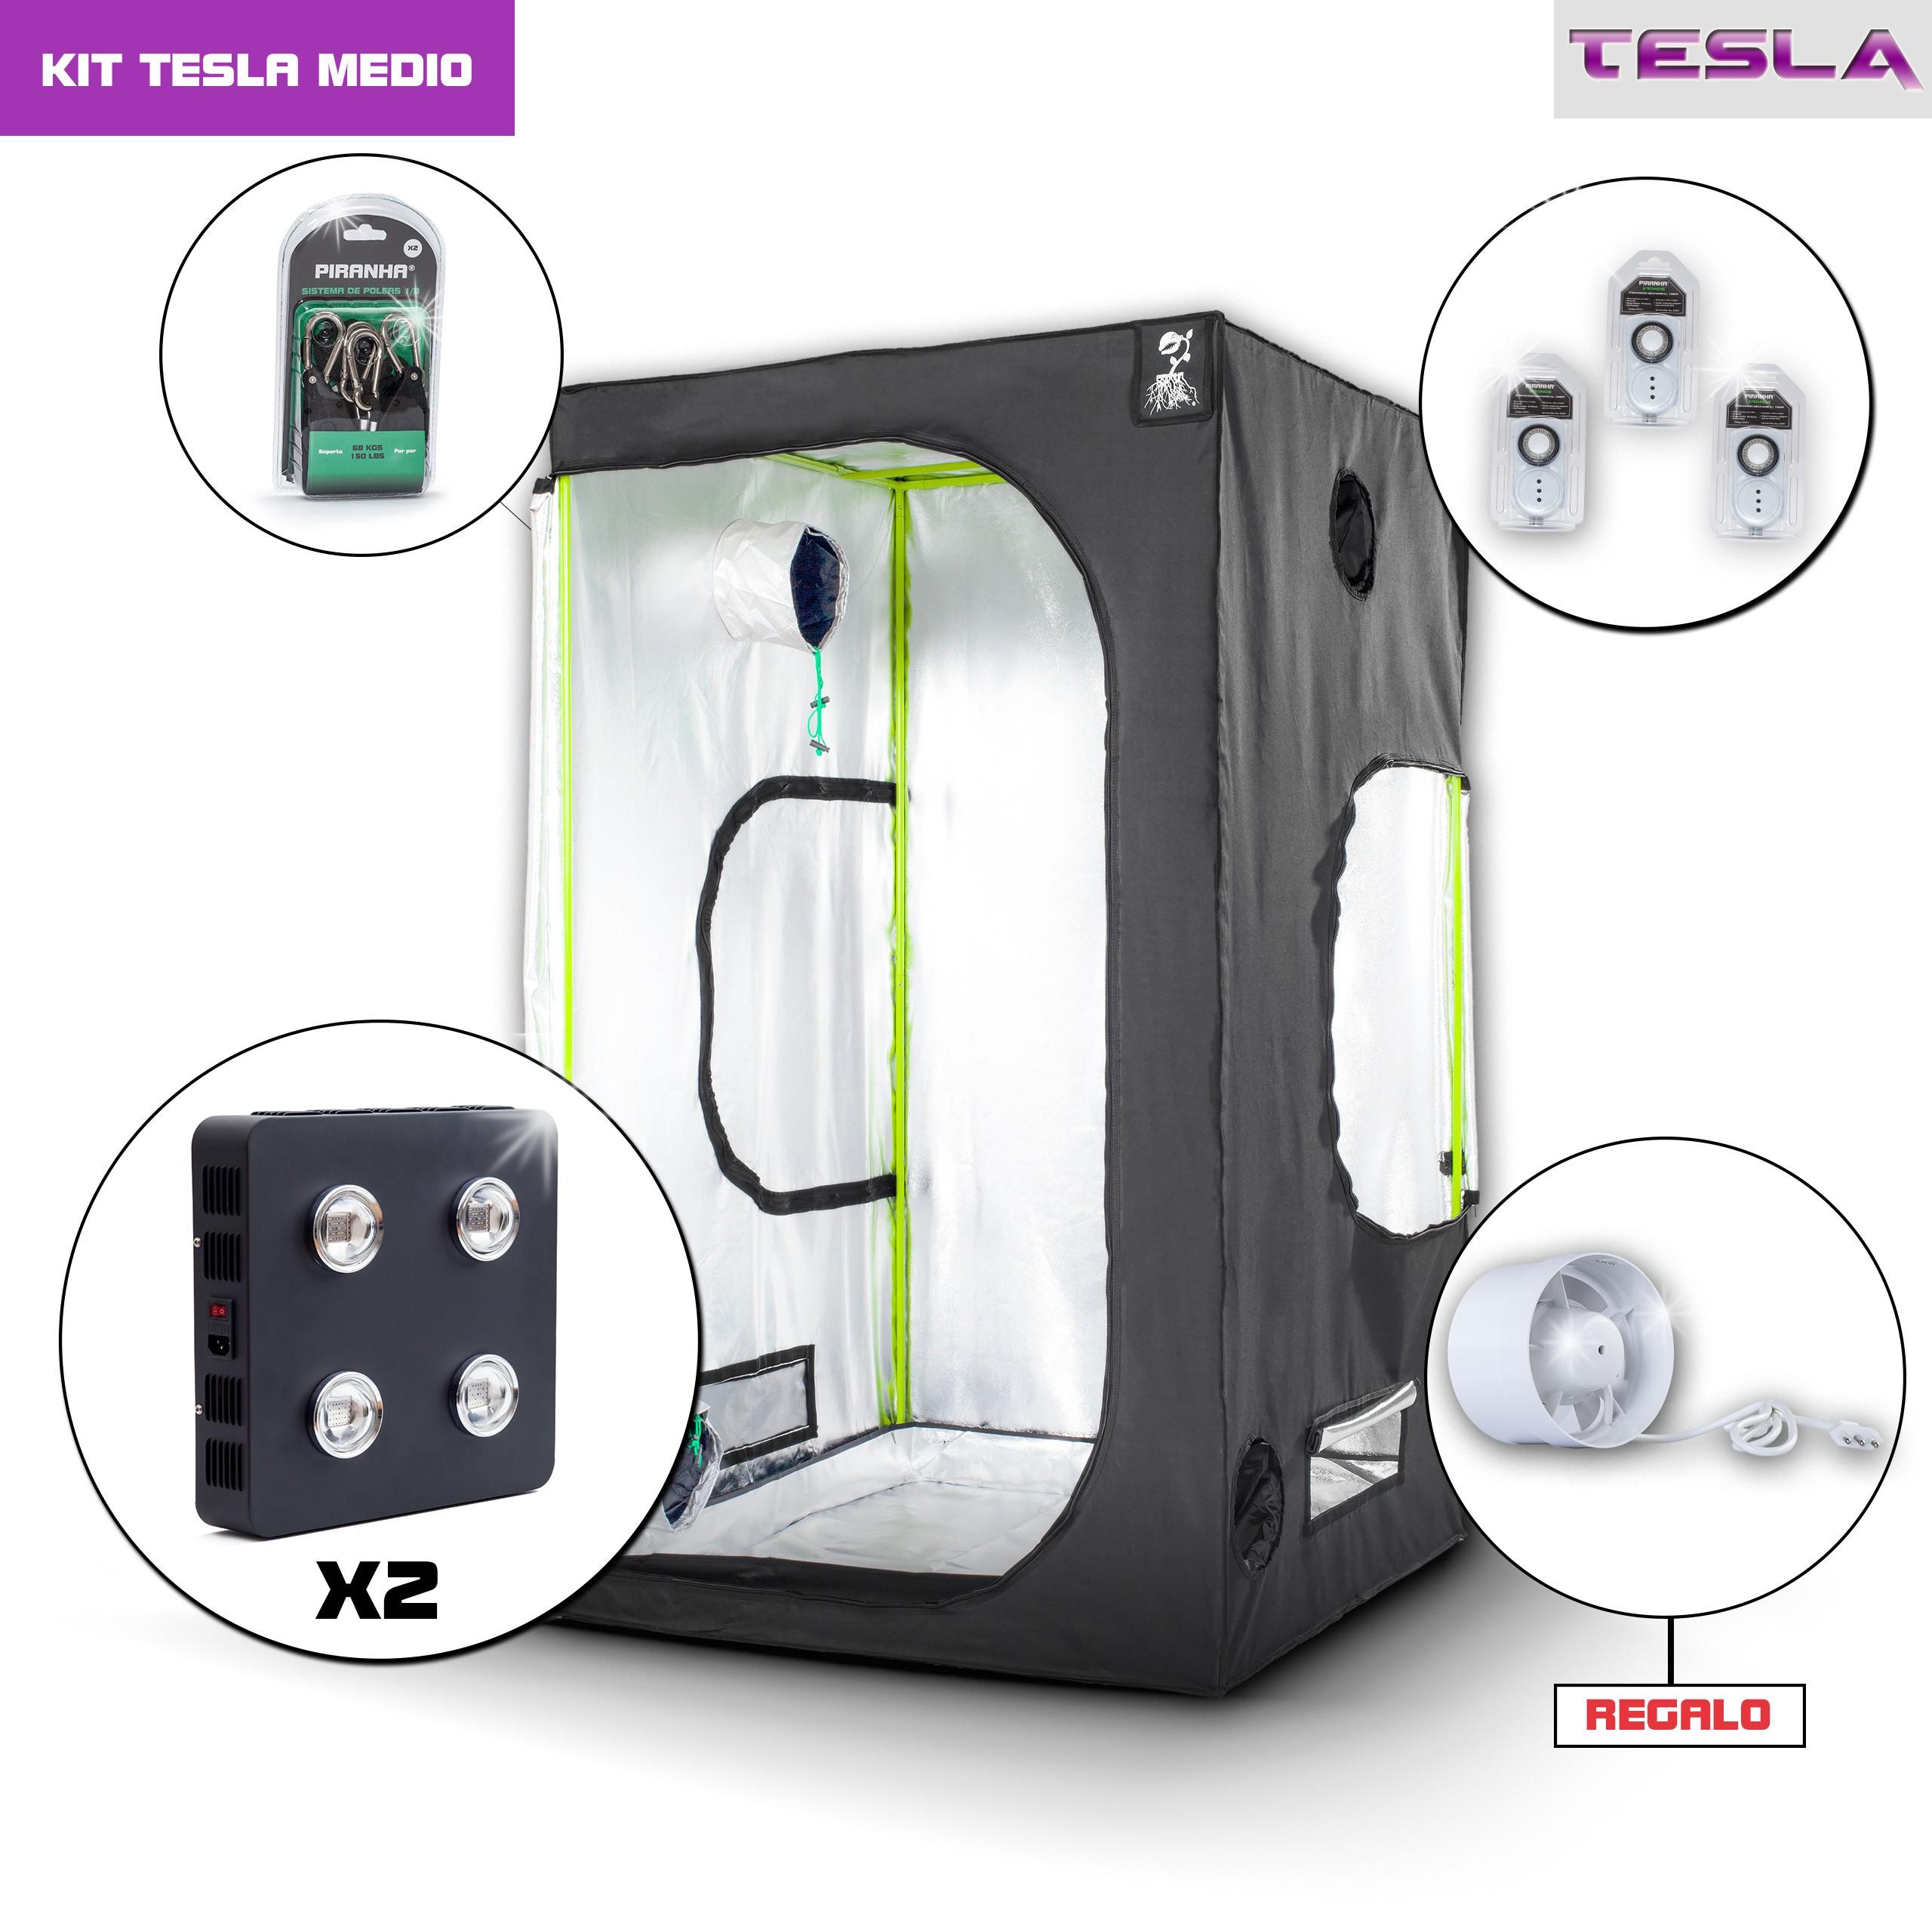 Kit Tesla 120 - 720W Medio